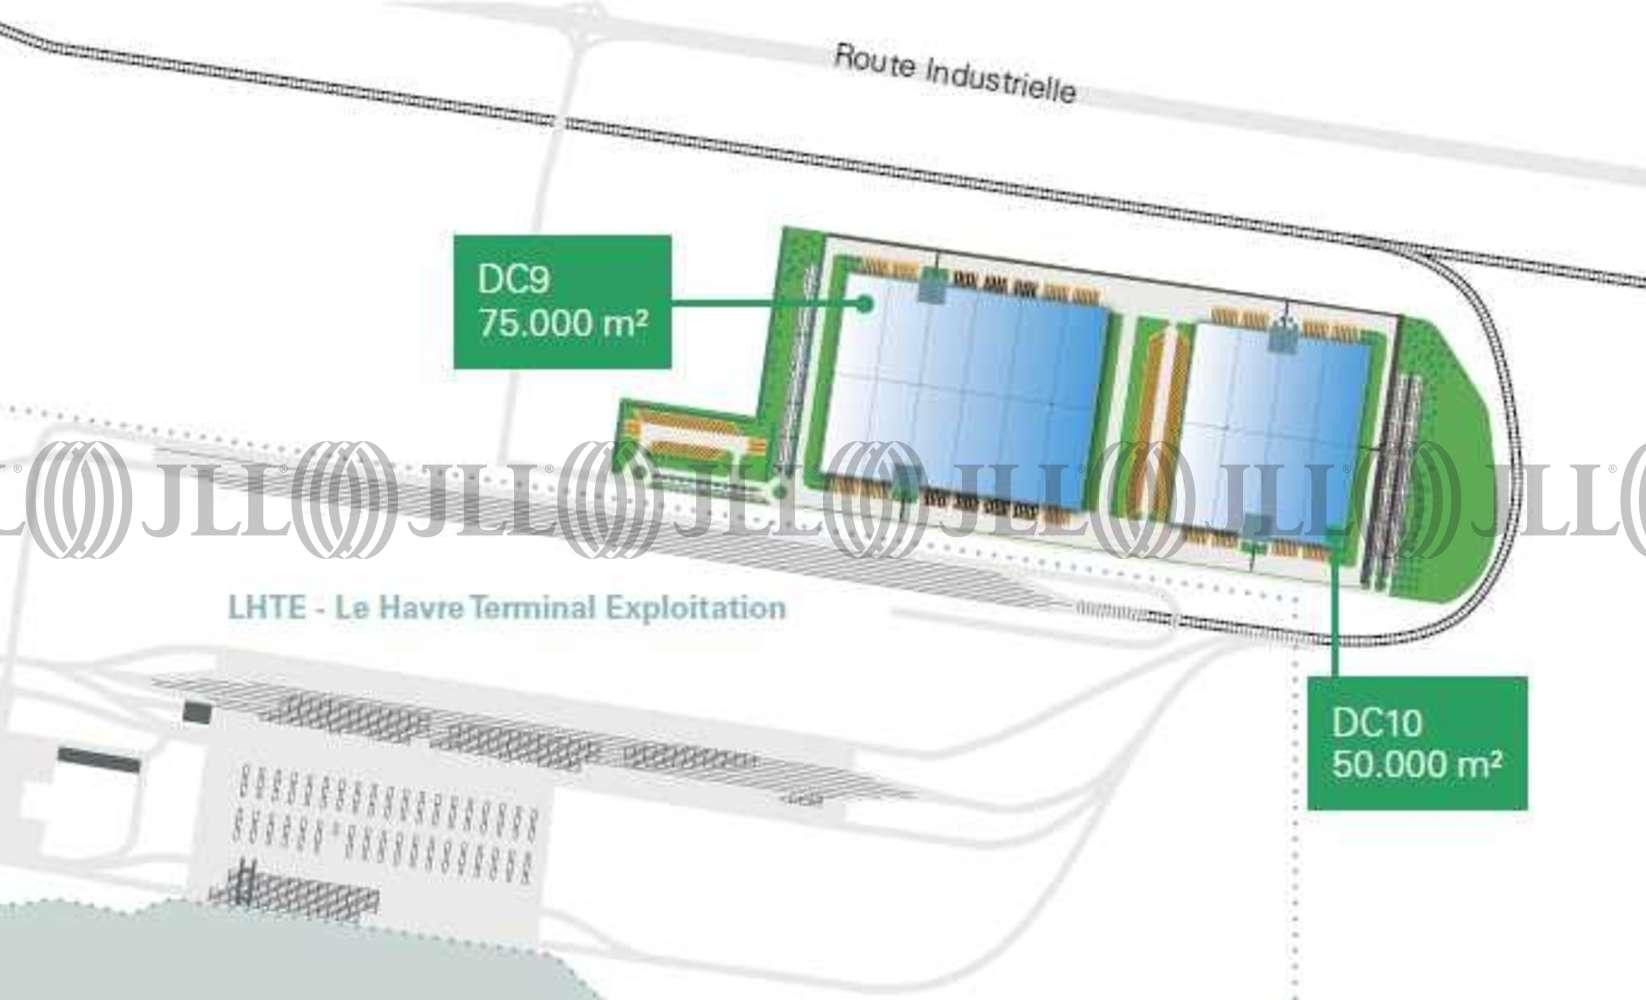 Plateformes logistiques St vigor d ymonville, 76430 - DC 9